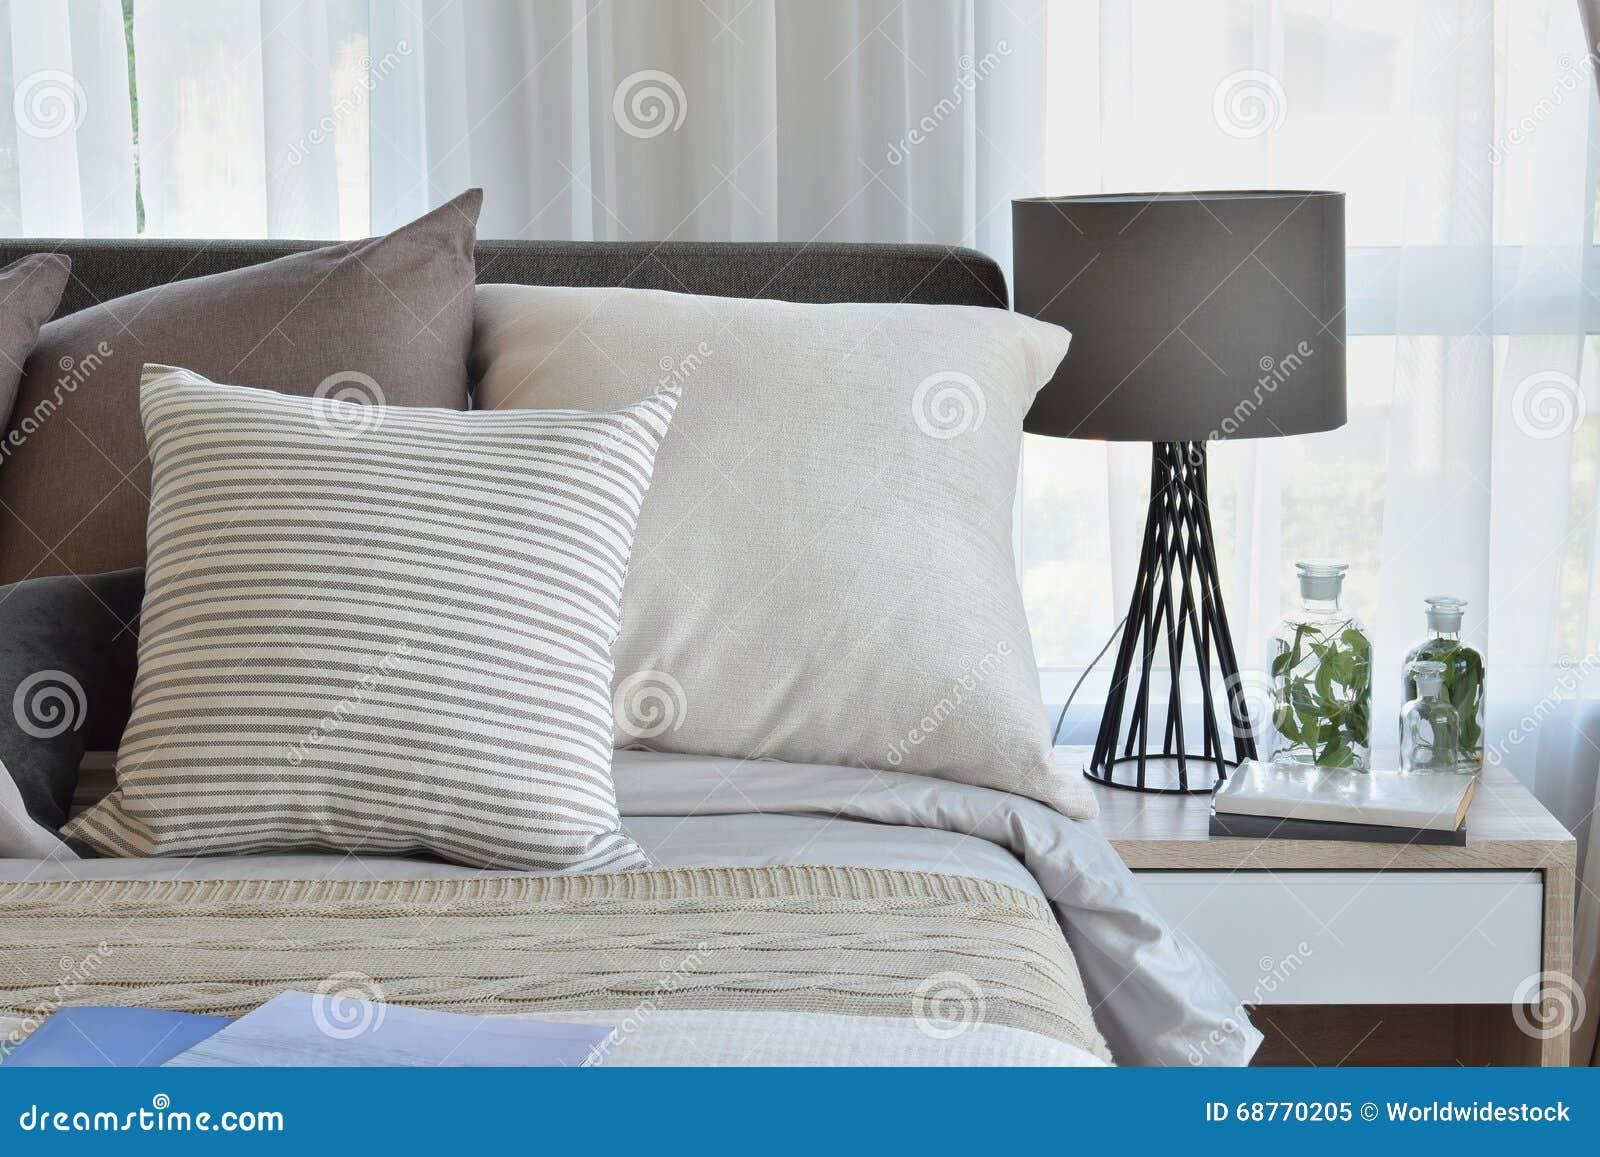 Cuscini sul letto casamia idea di immagine - Giochi da baciare sul letto ...